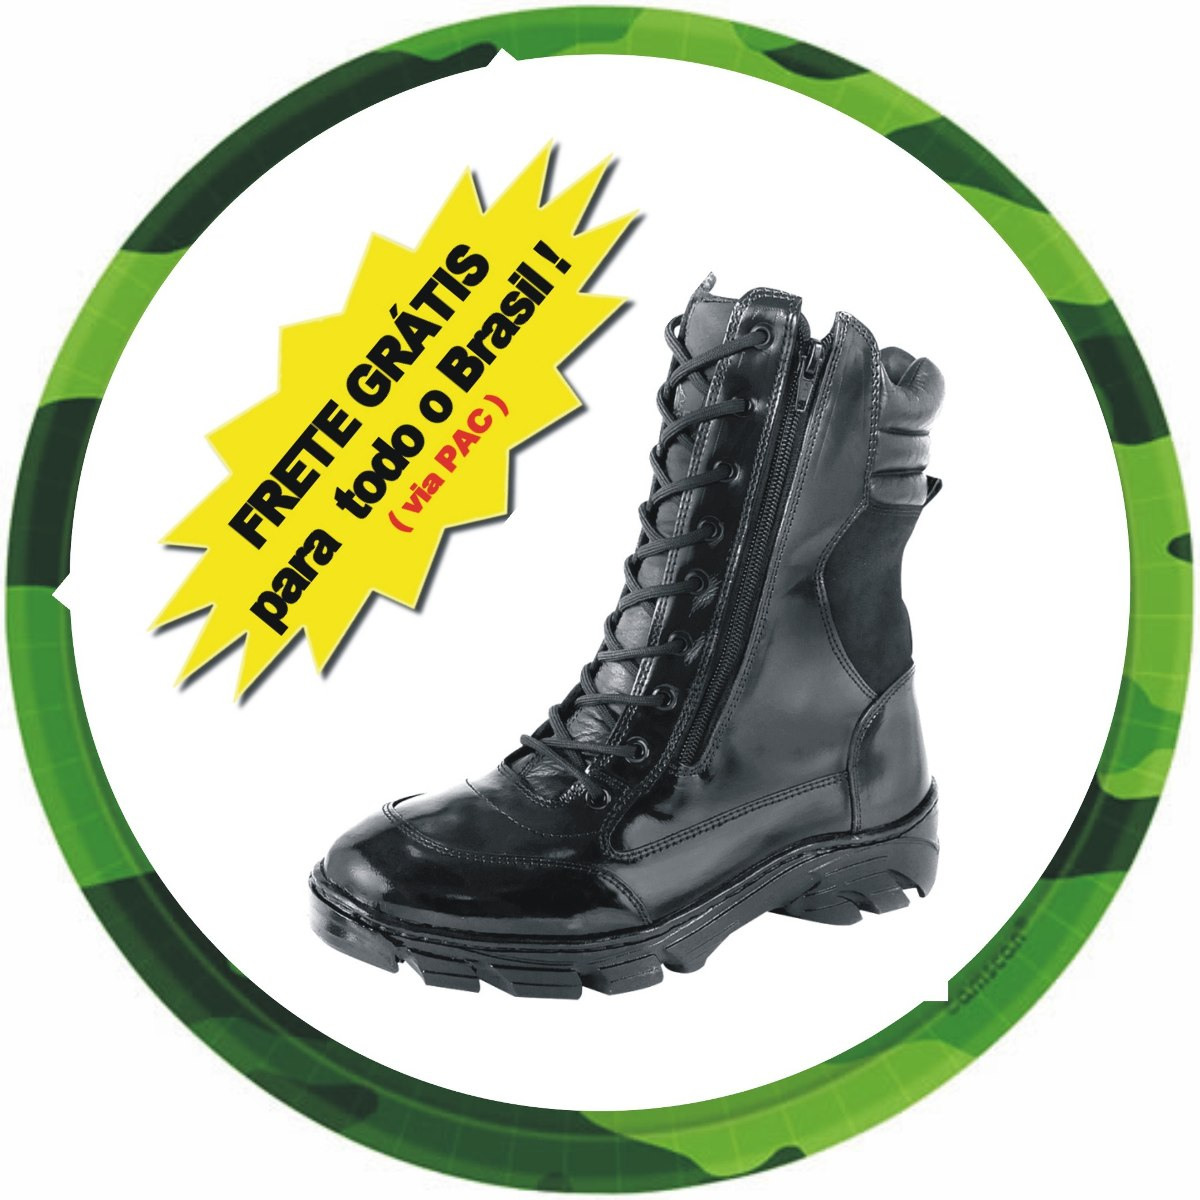 dca65937c4 coturno militar bota tatica swat paintball fbi motociclista. Carregando zoom .